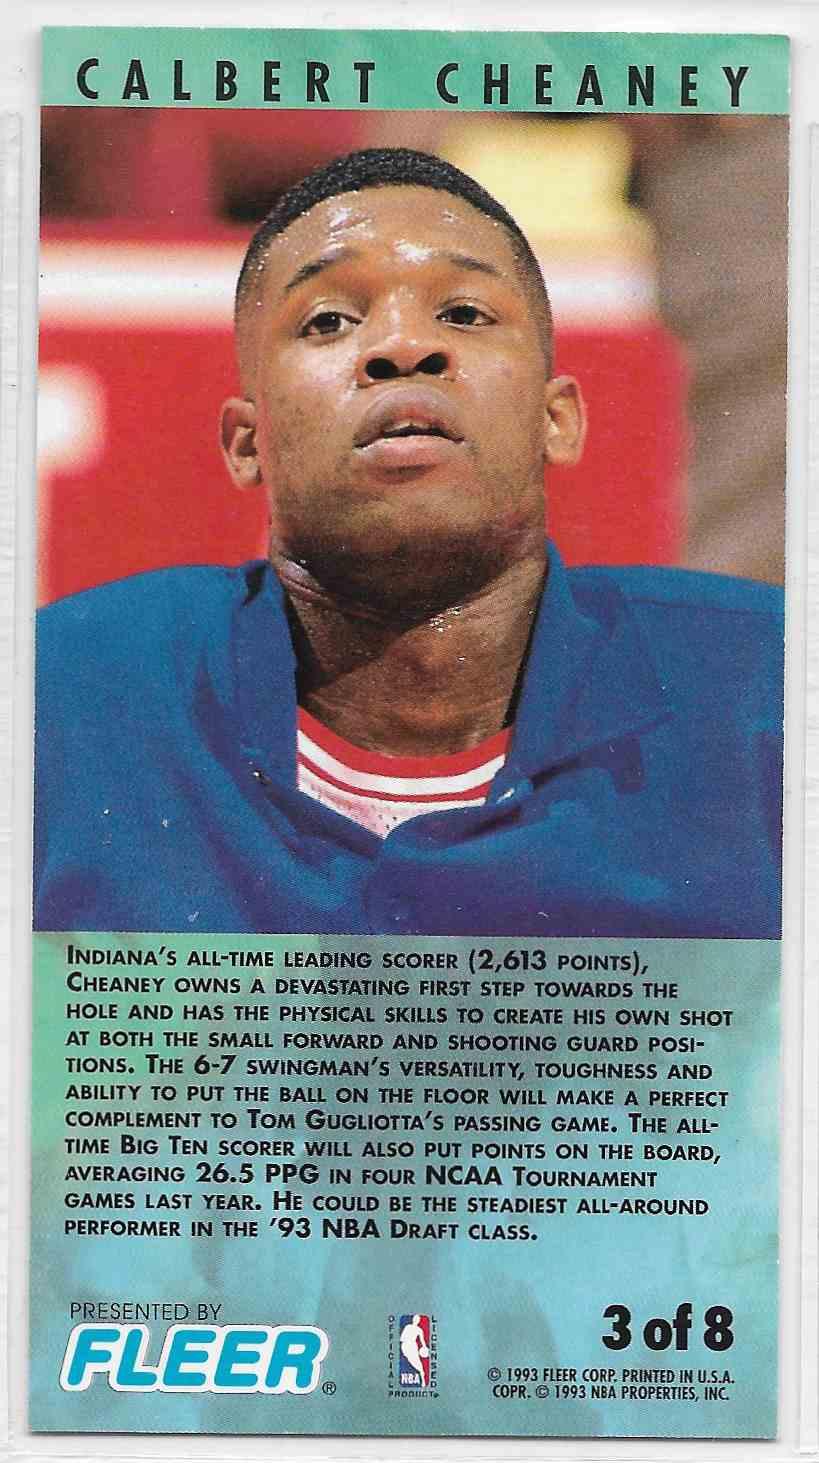 1993-94 Fleer NBA Jam Session Calbert Cheaney #3 card back image